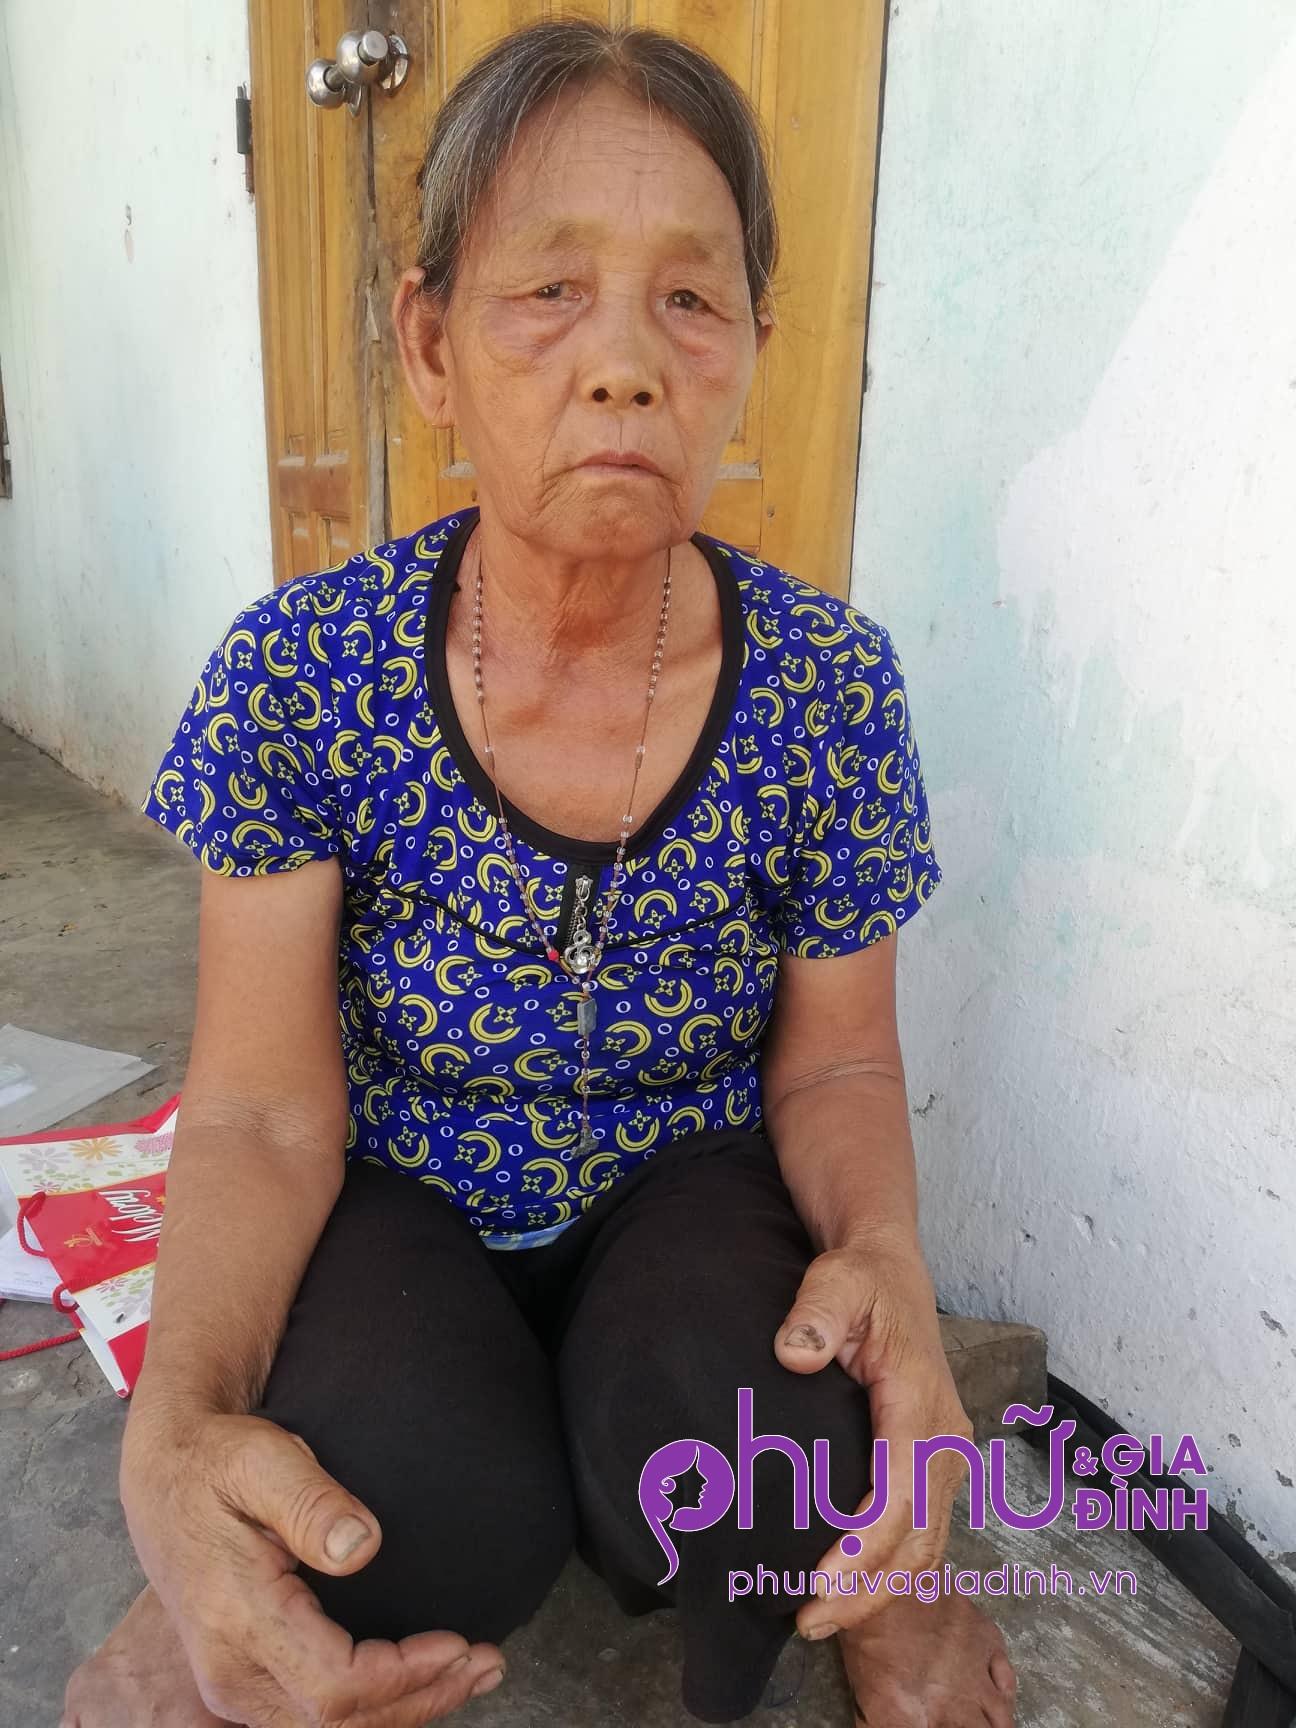 Xót xa: Cụ bà chấp nhận mù lòa để nhường sự sống cho chồng mắc bệnh hiểm nghèo - Ảnh 1